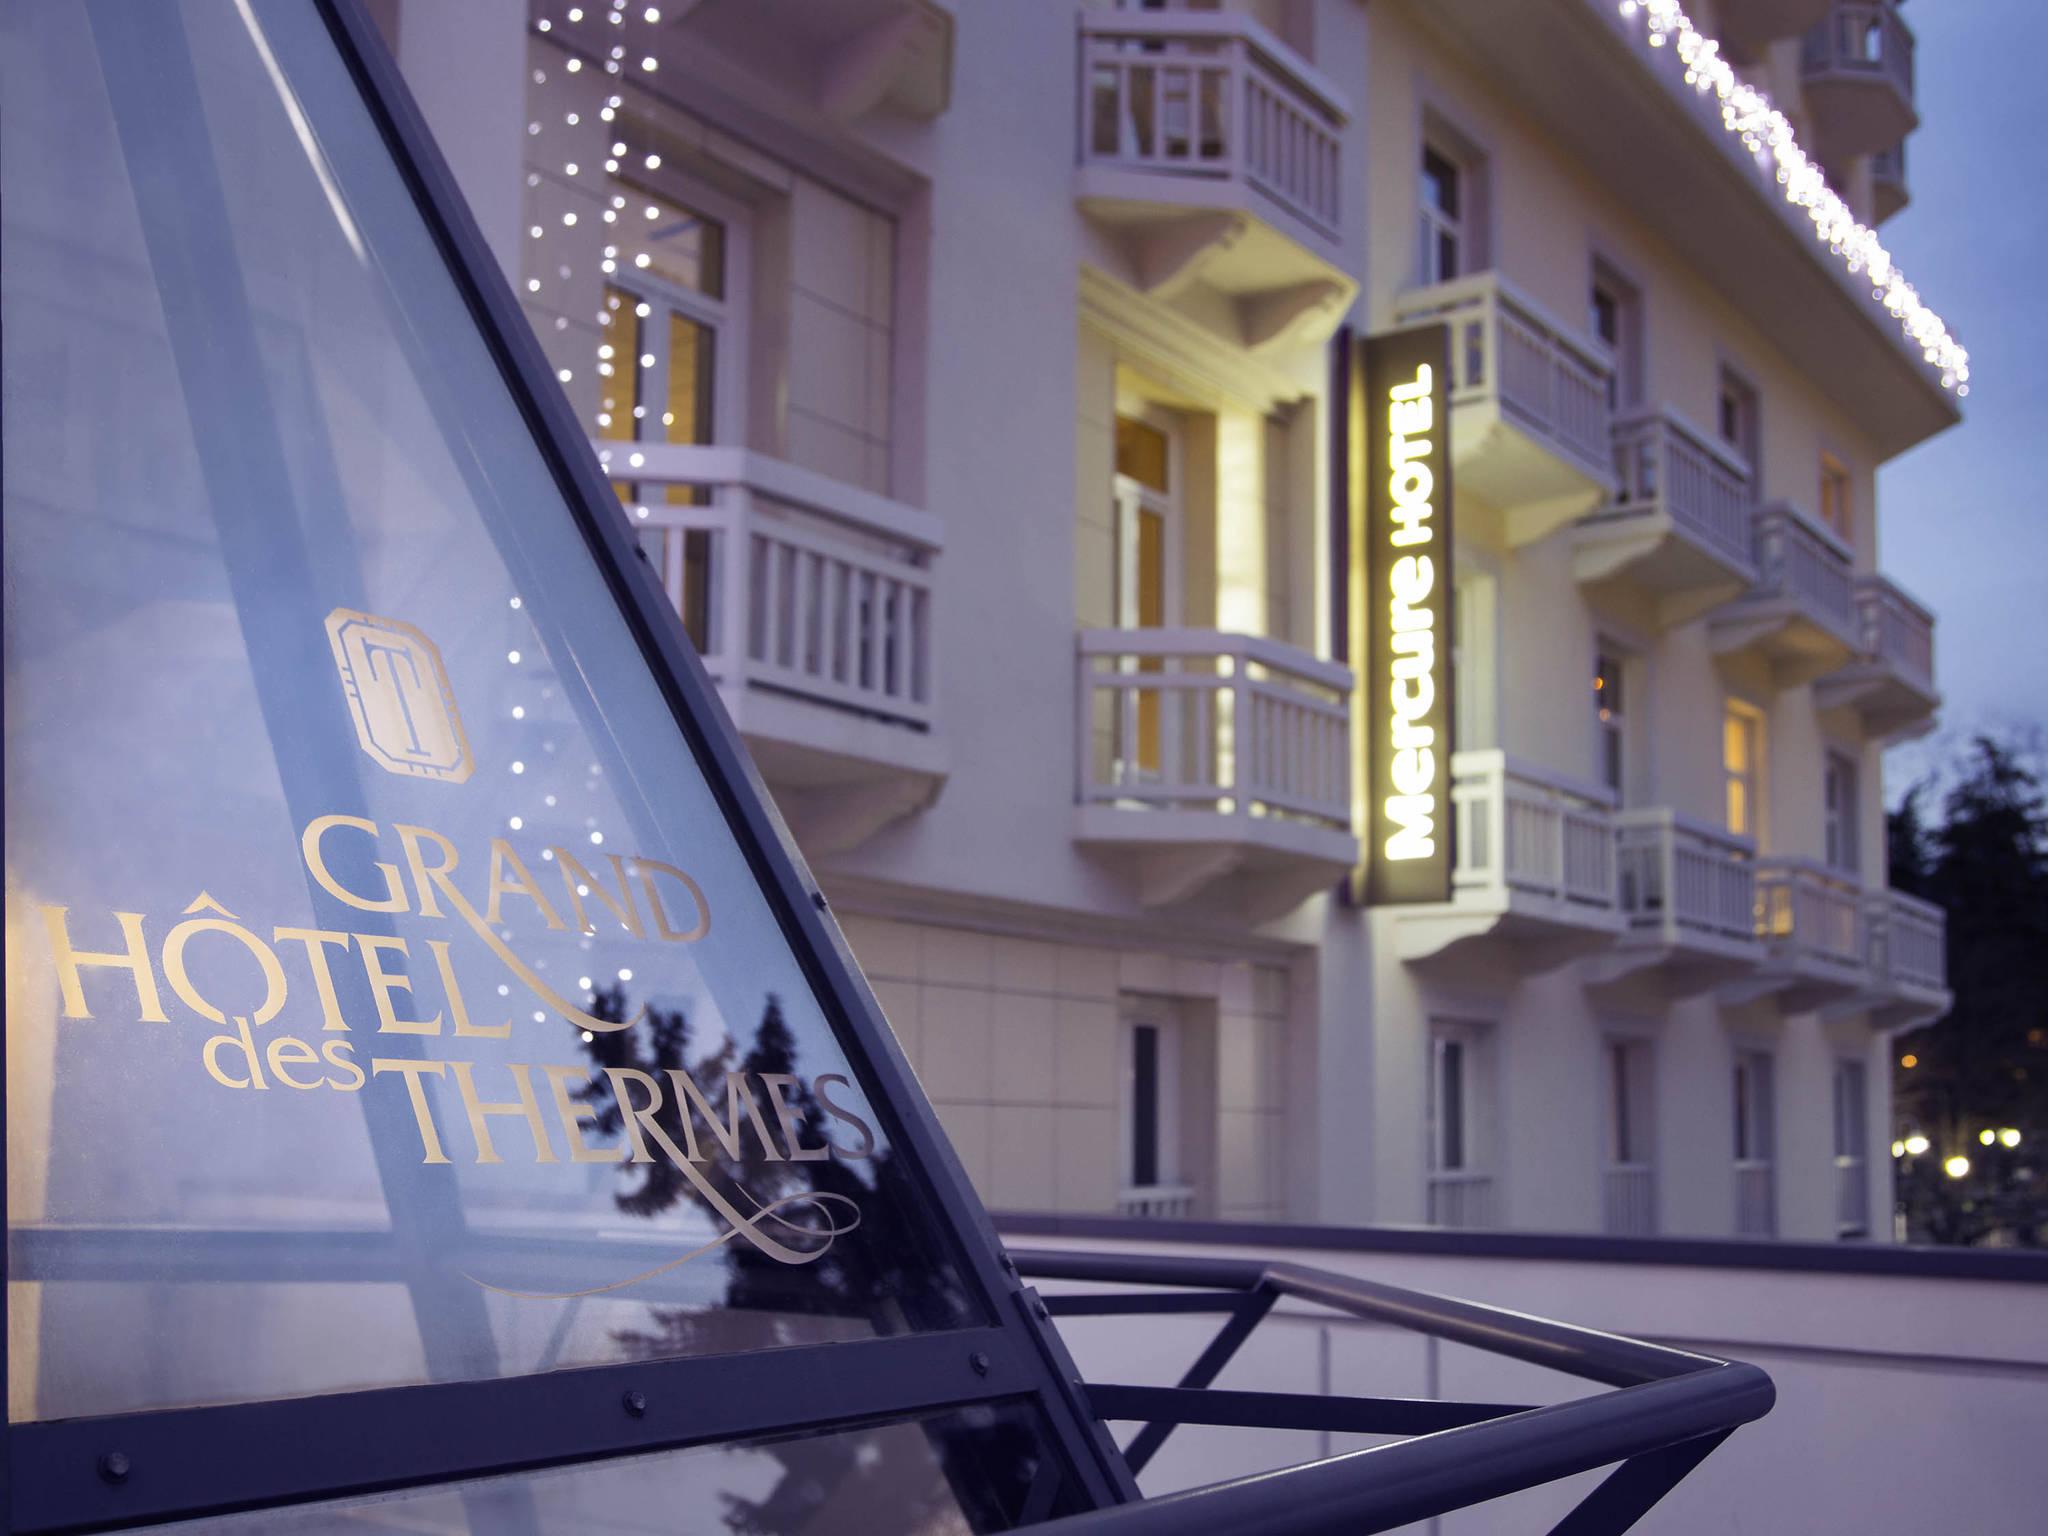 Hotel - Mercure Brides-les-Bains Grand Hotel des Thermes